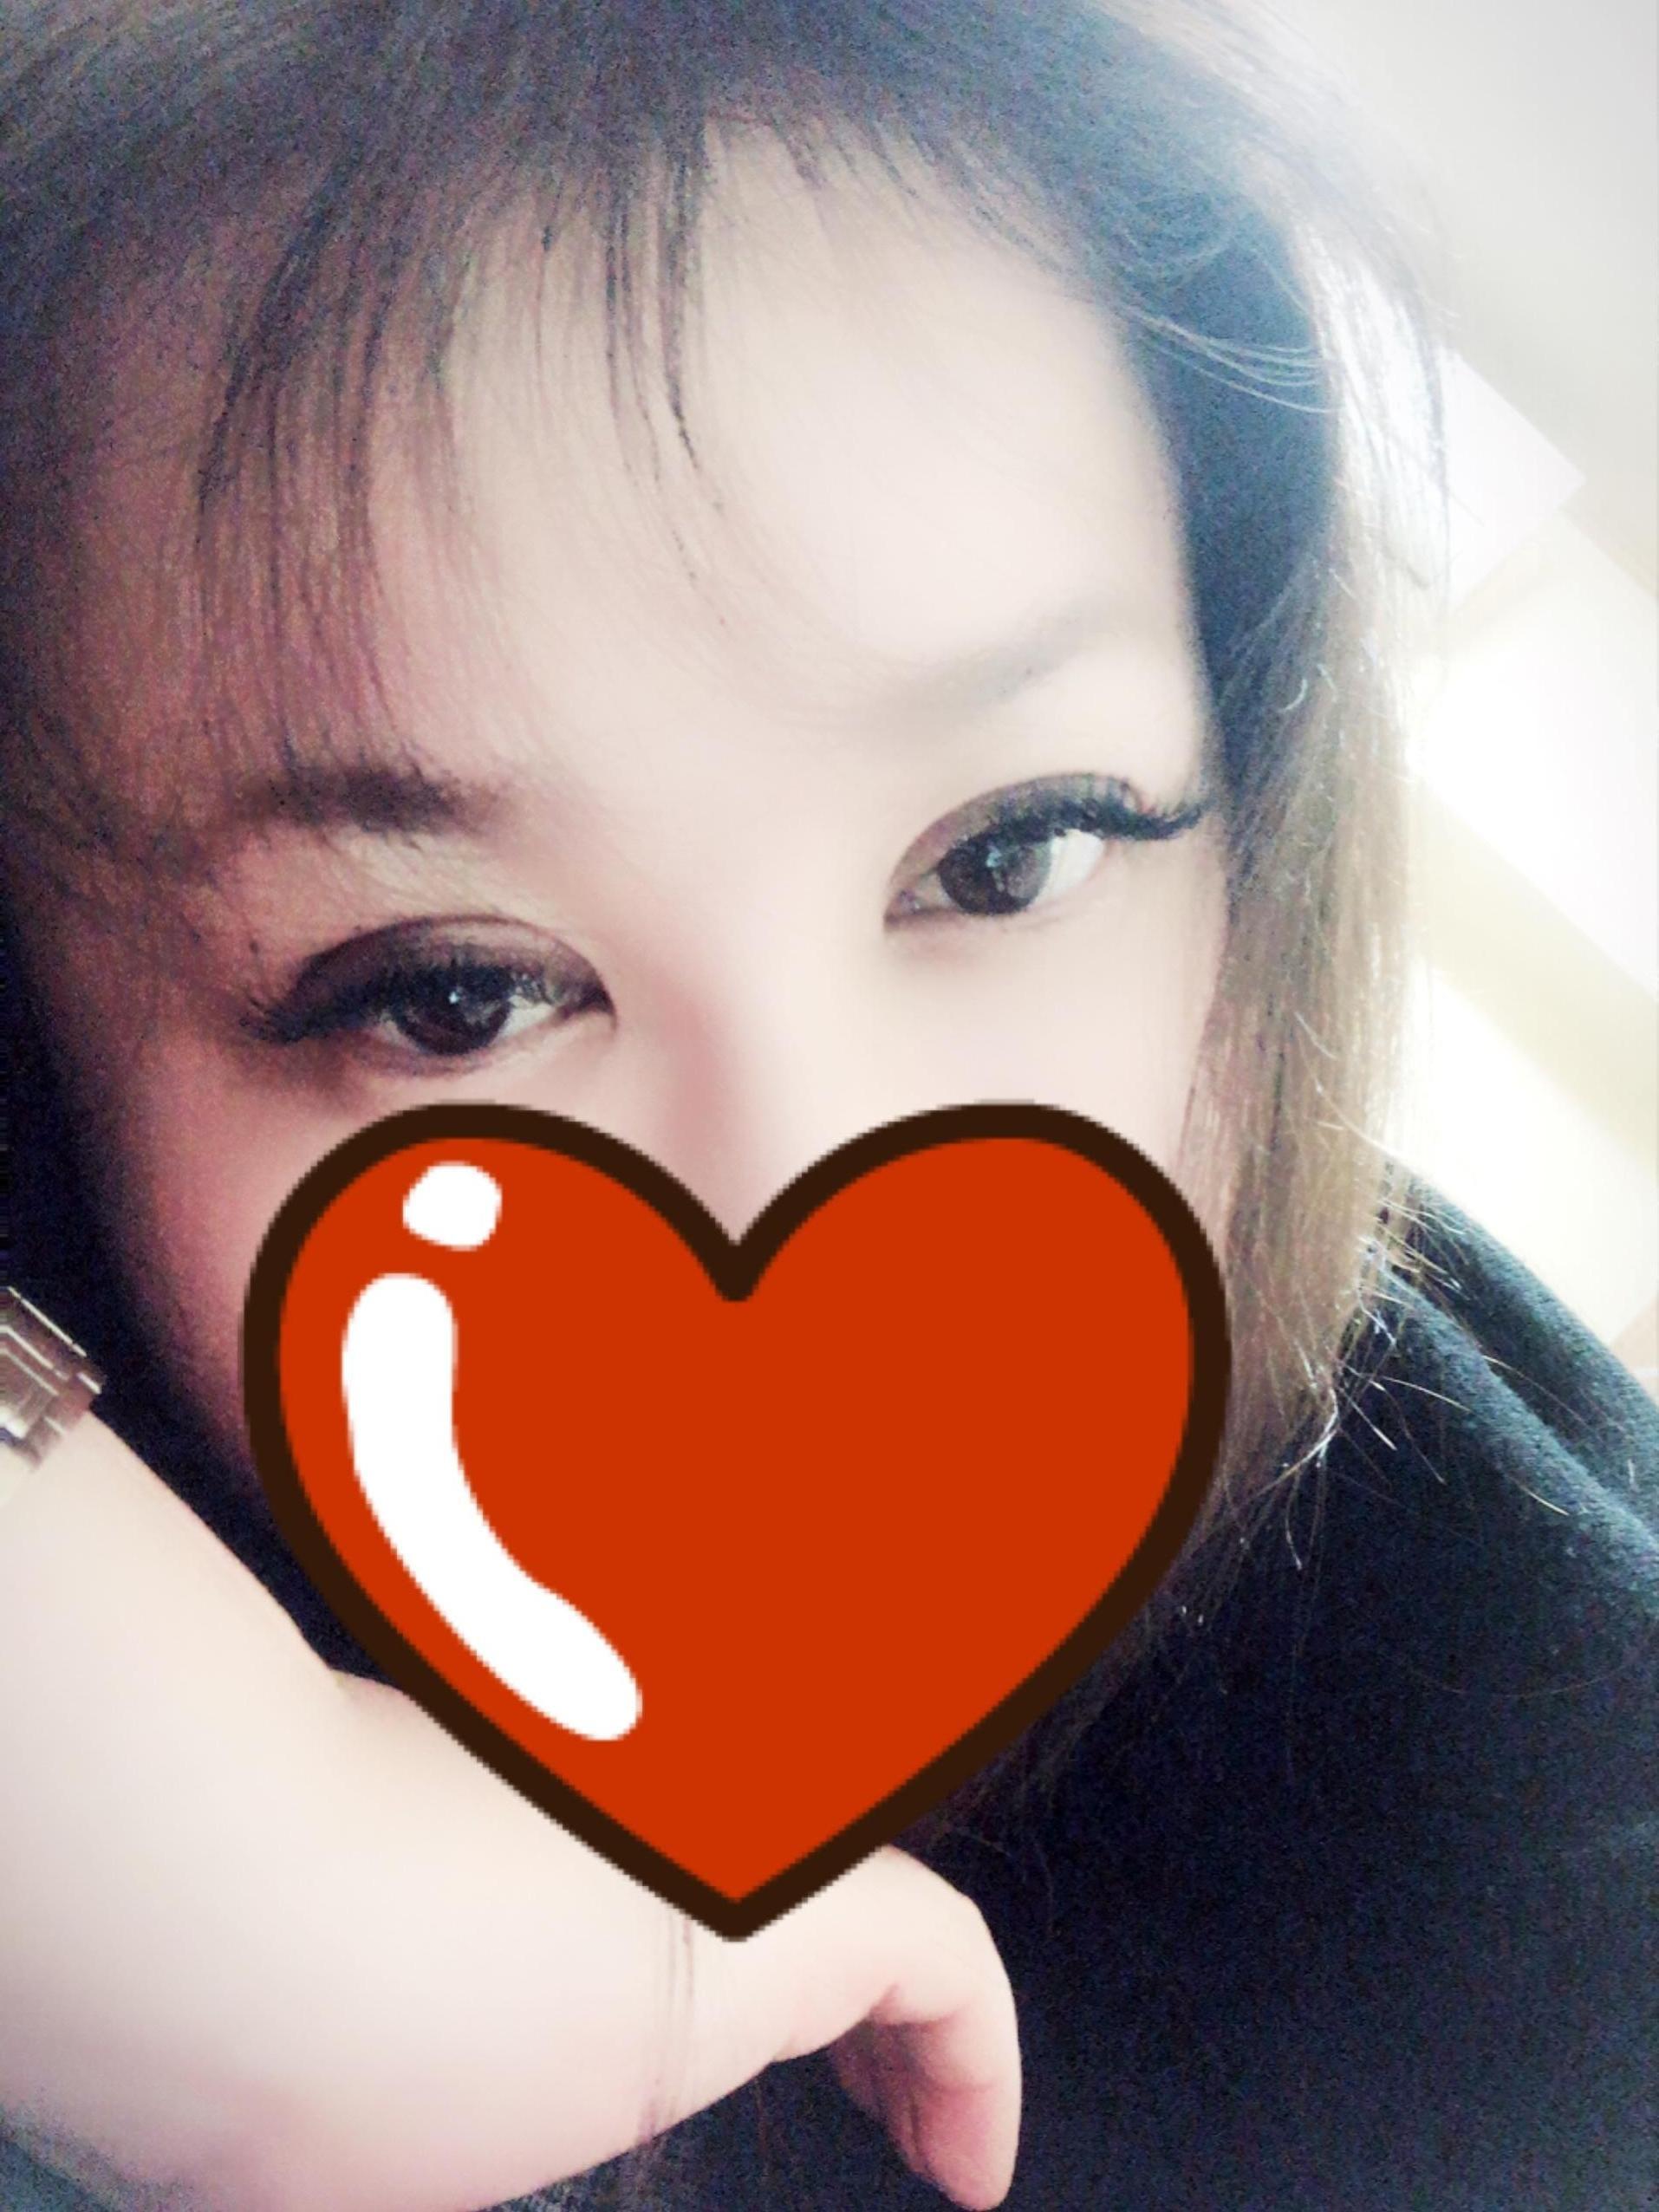 「21時から☆彡」04/11(04/11) 22:01 | れなの写メ・風俗動画